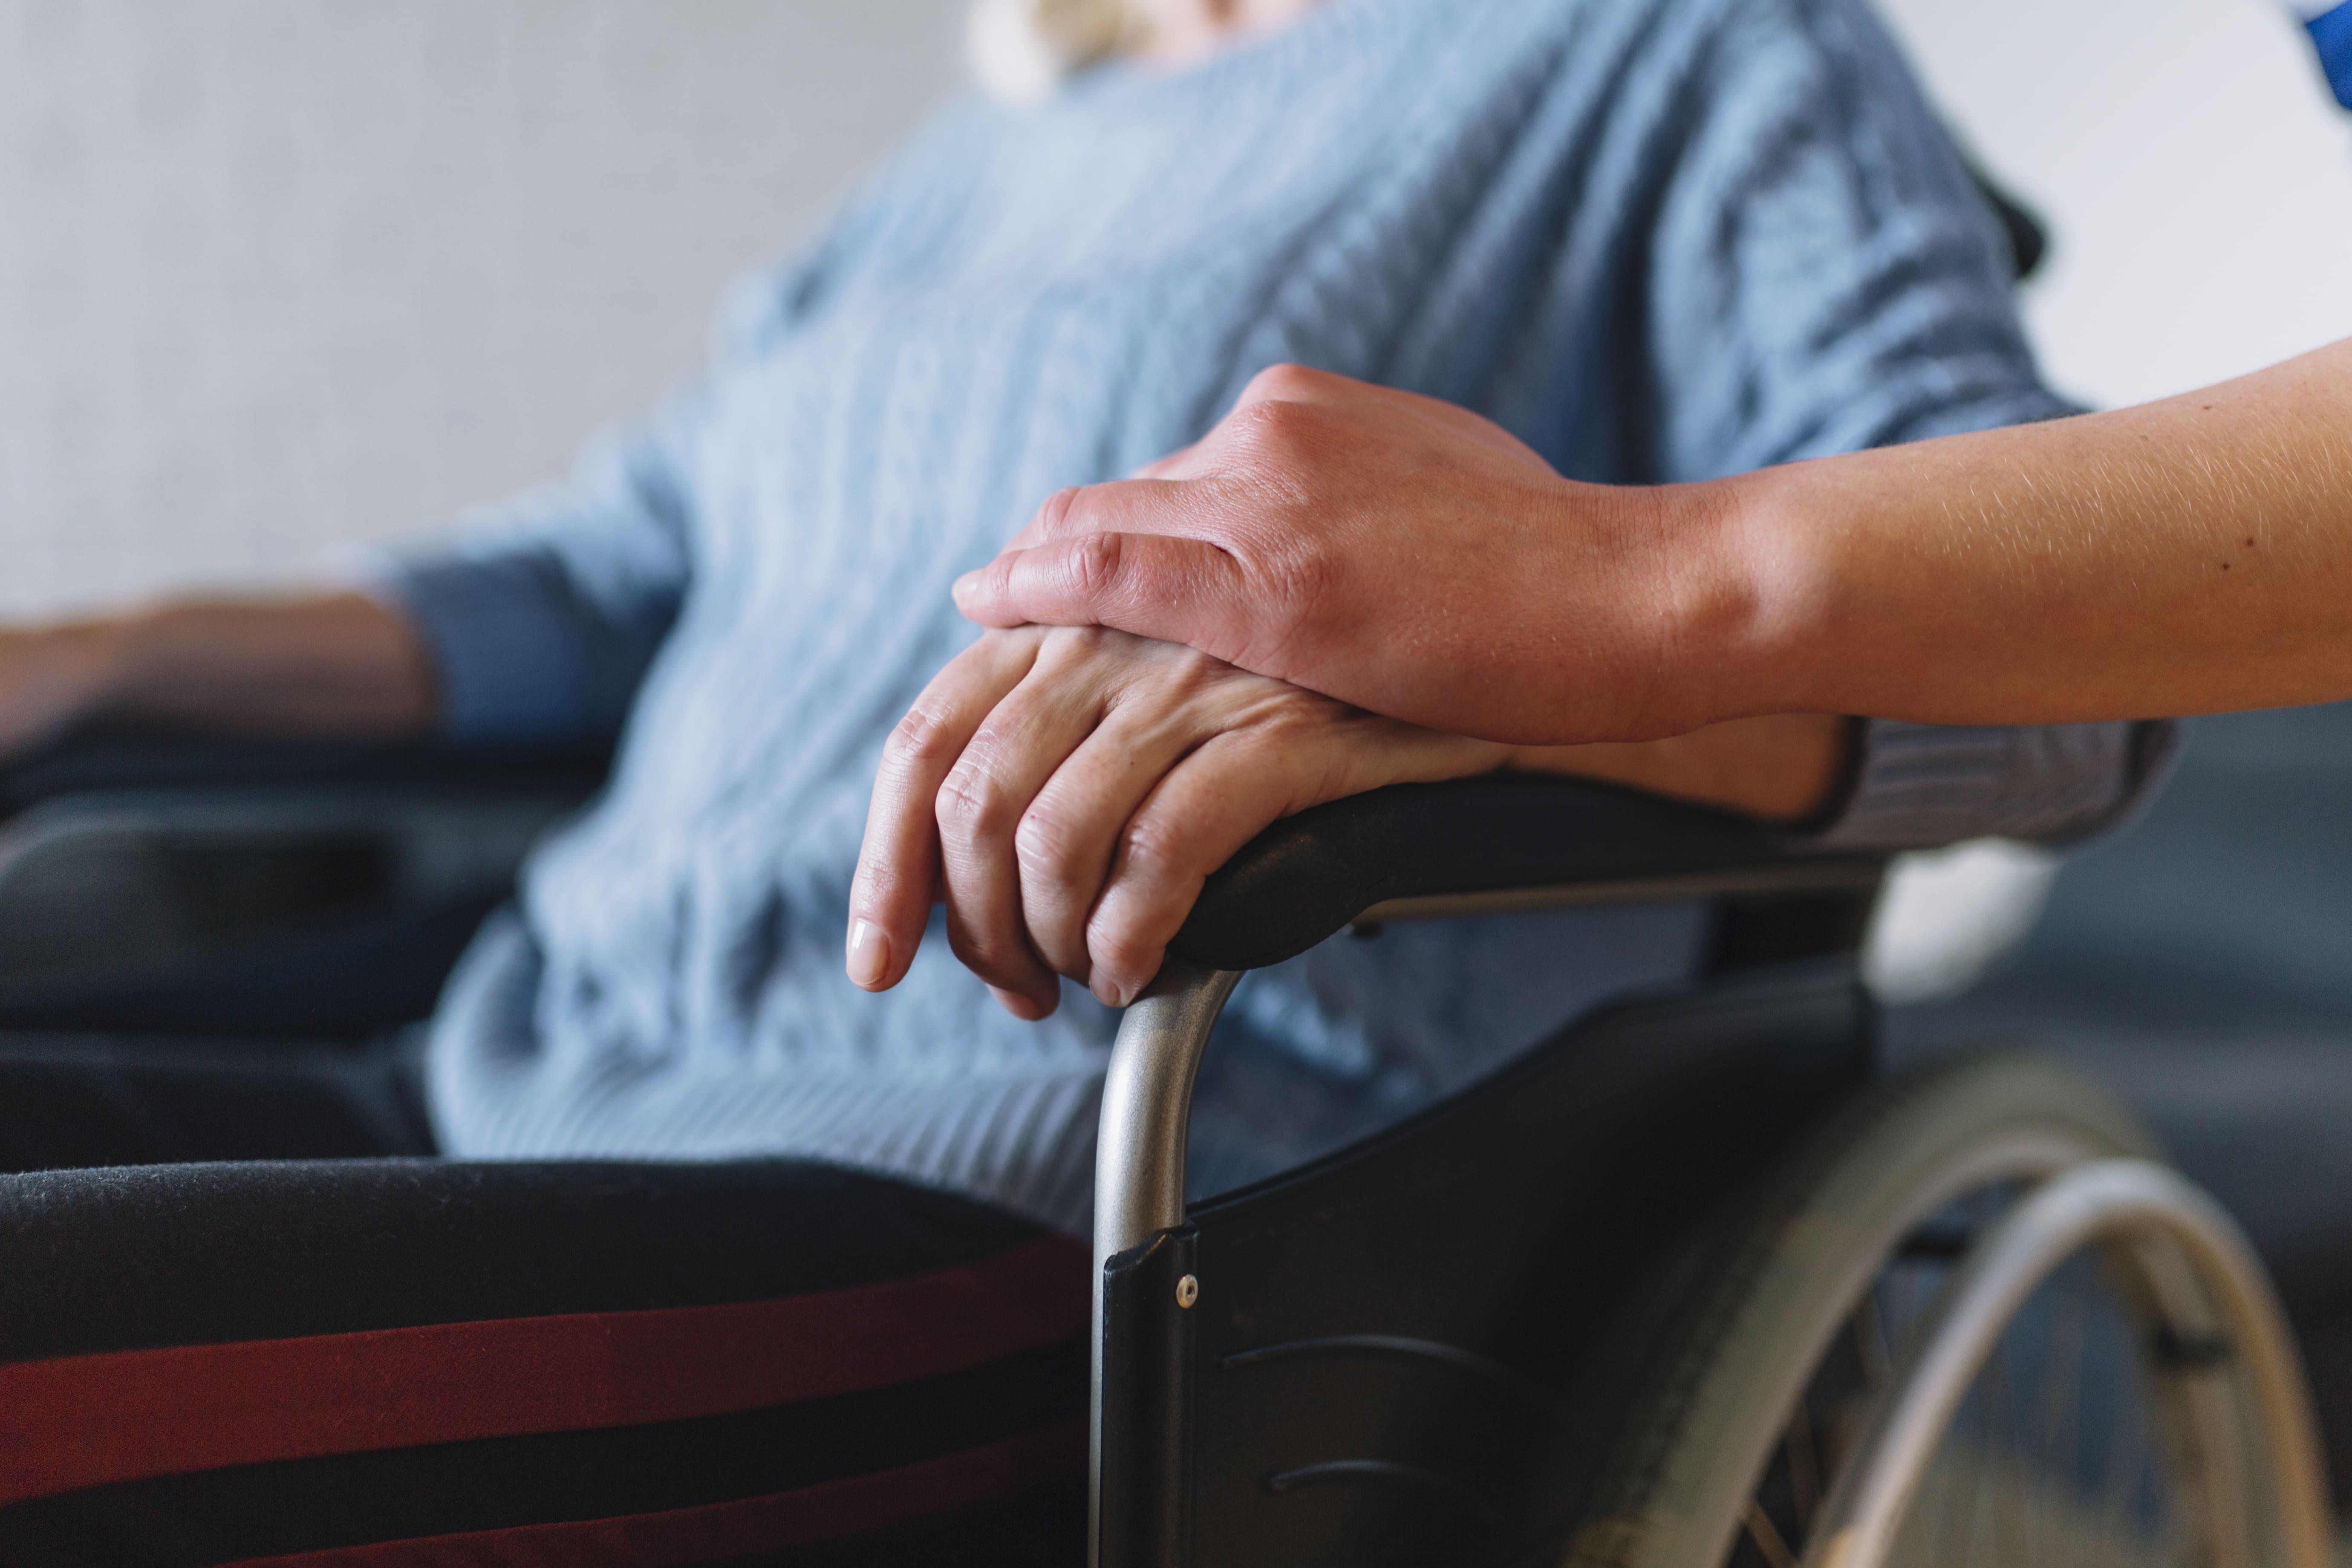 Inscrições para realizar pedágios beneficentes em 2019 abrem na segunda-feira